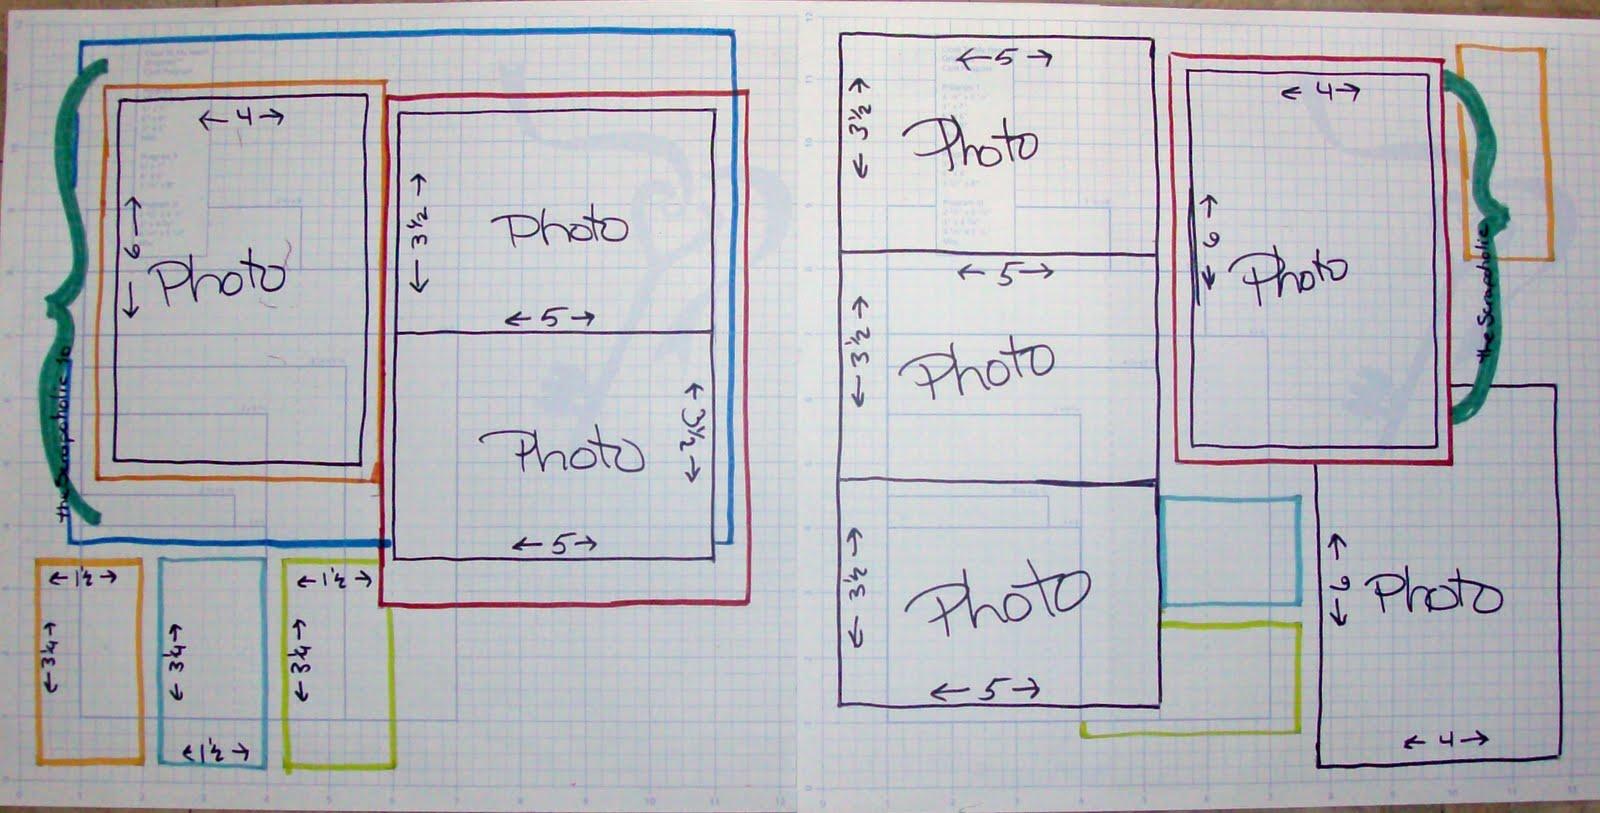 How to scrapbook 8x8 layouts - Scrapbooking